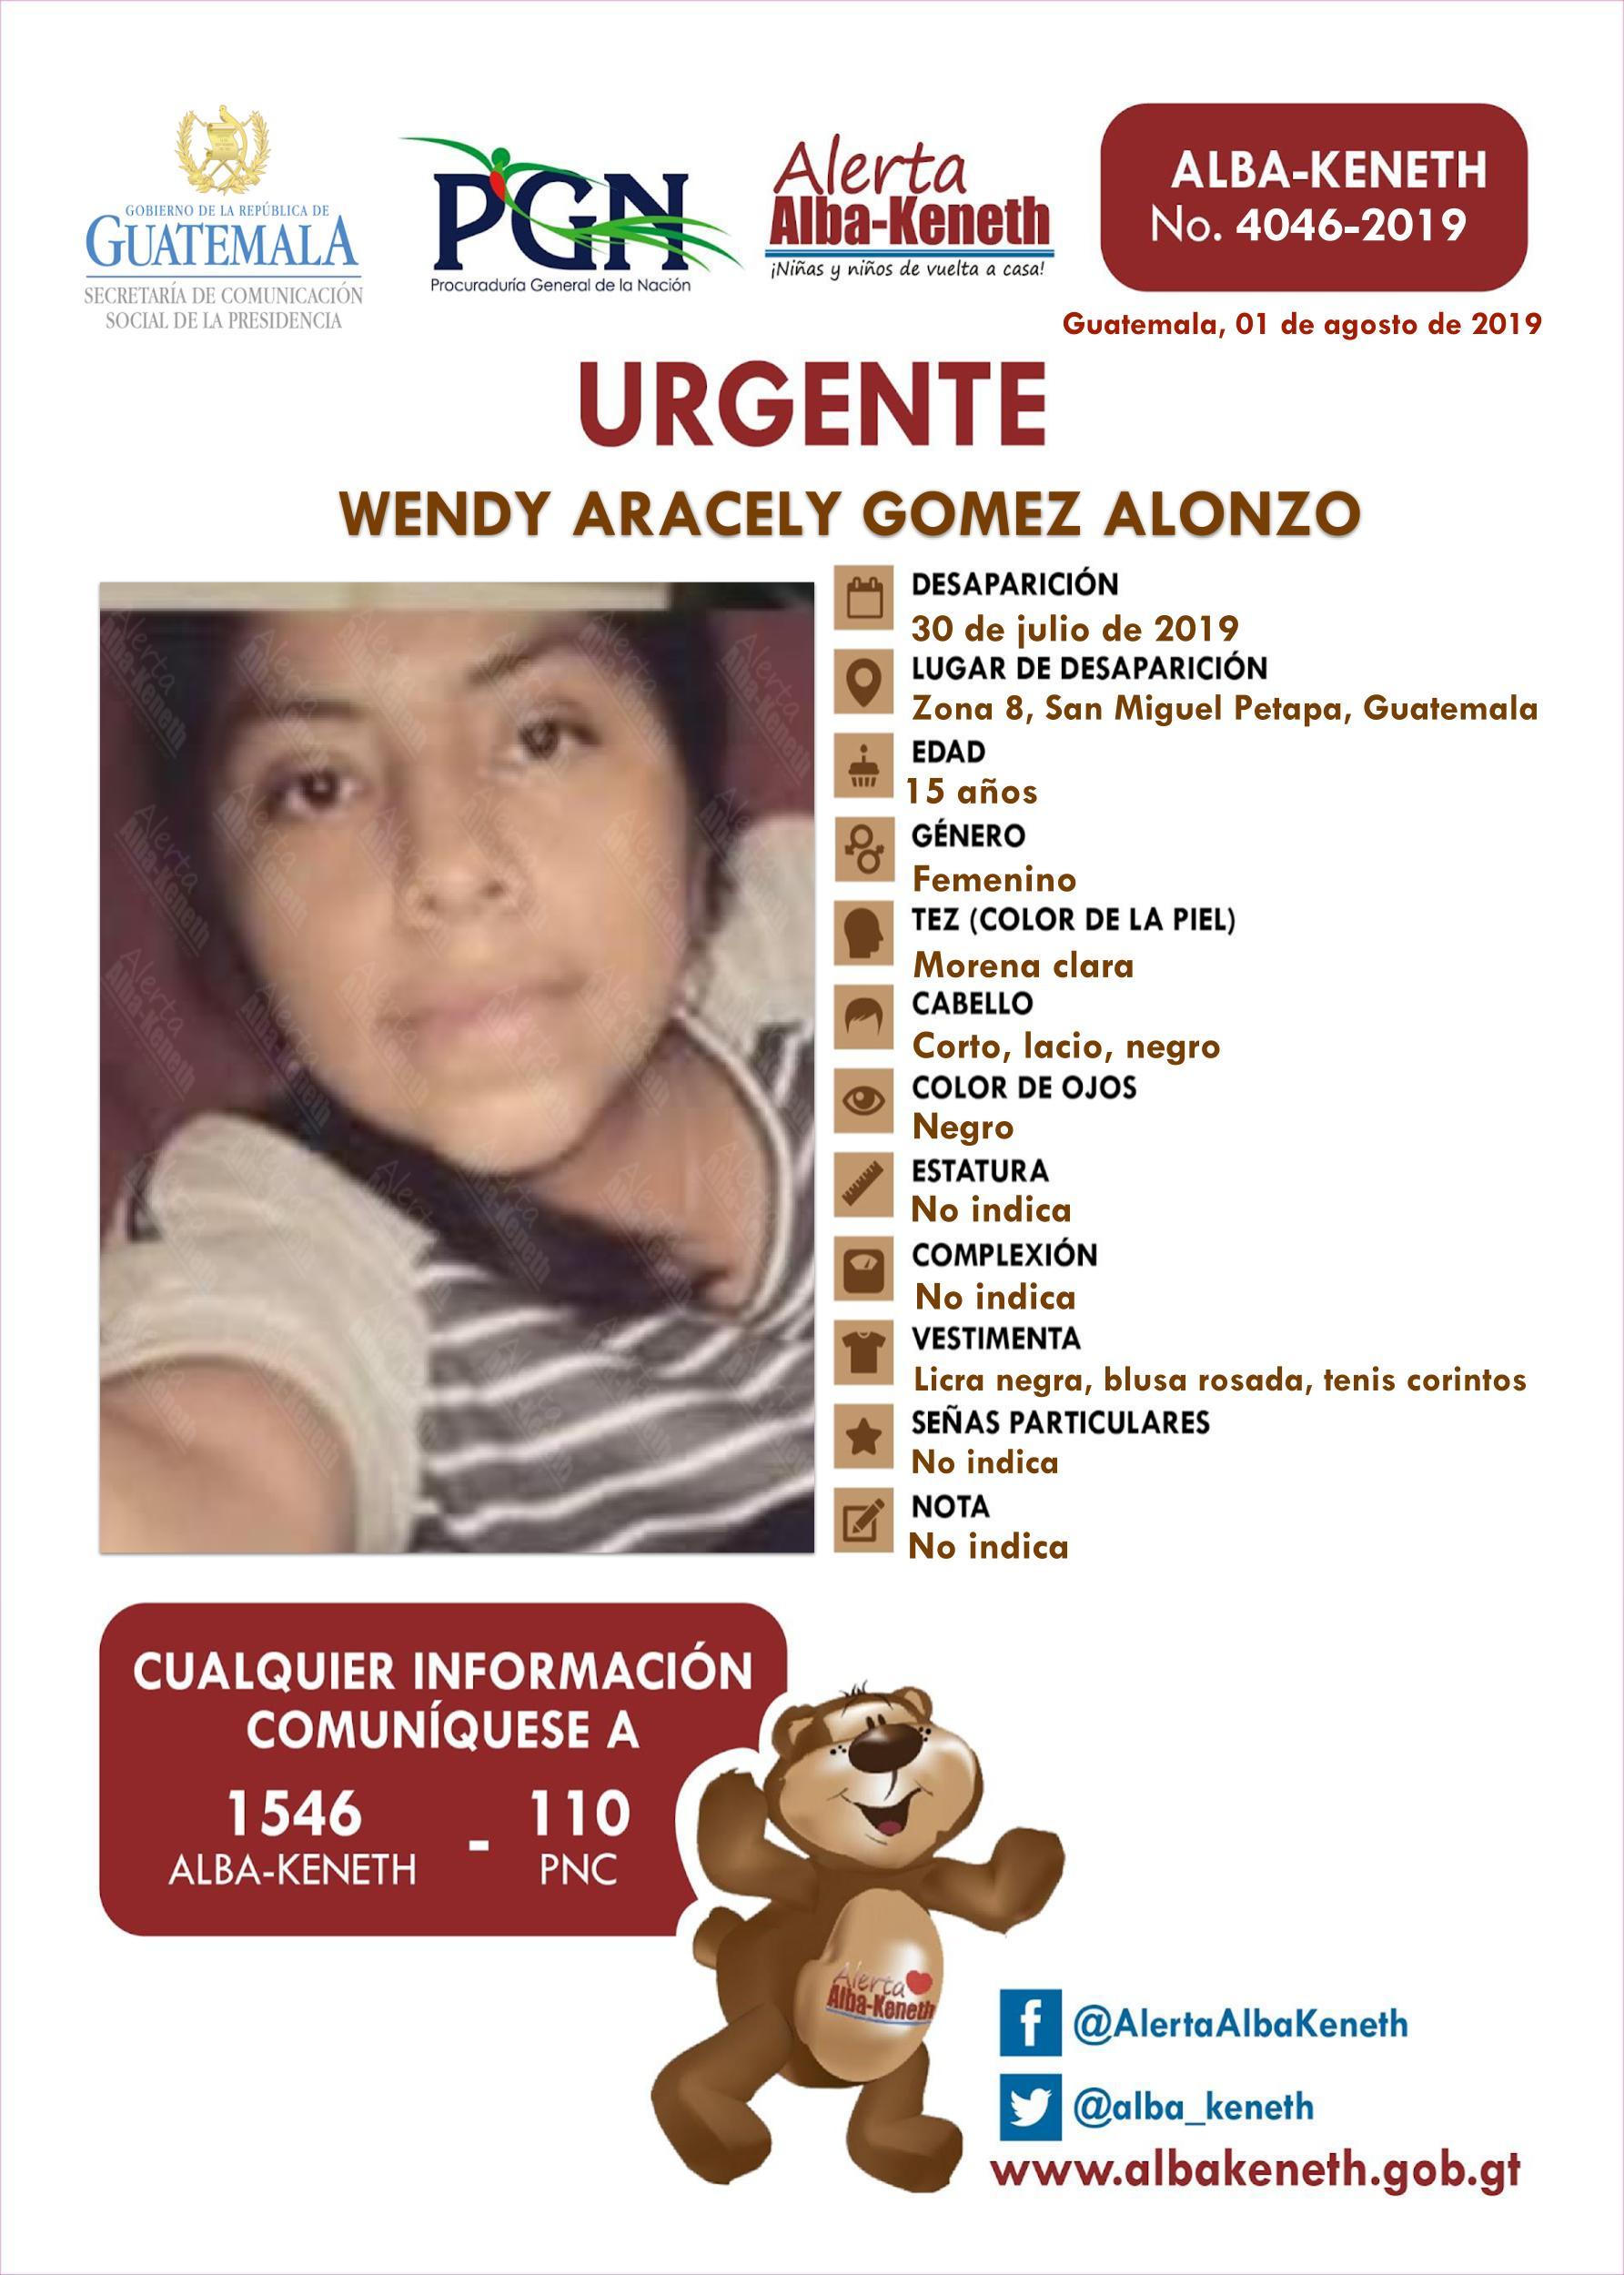 Wendy Aracely Gomez Alonzo